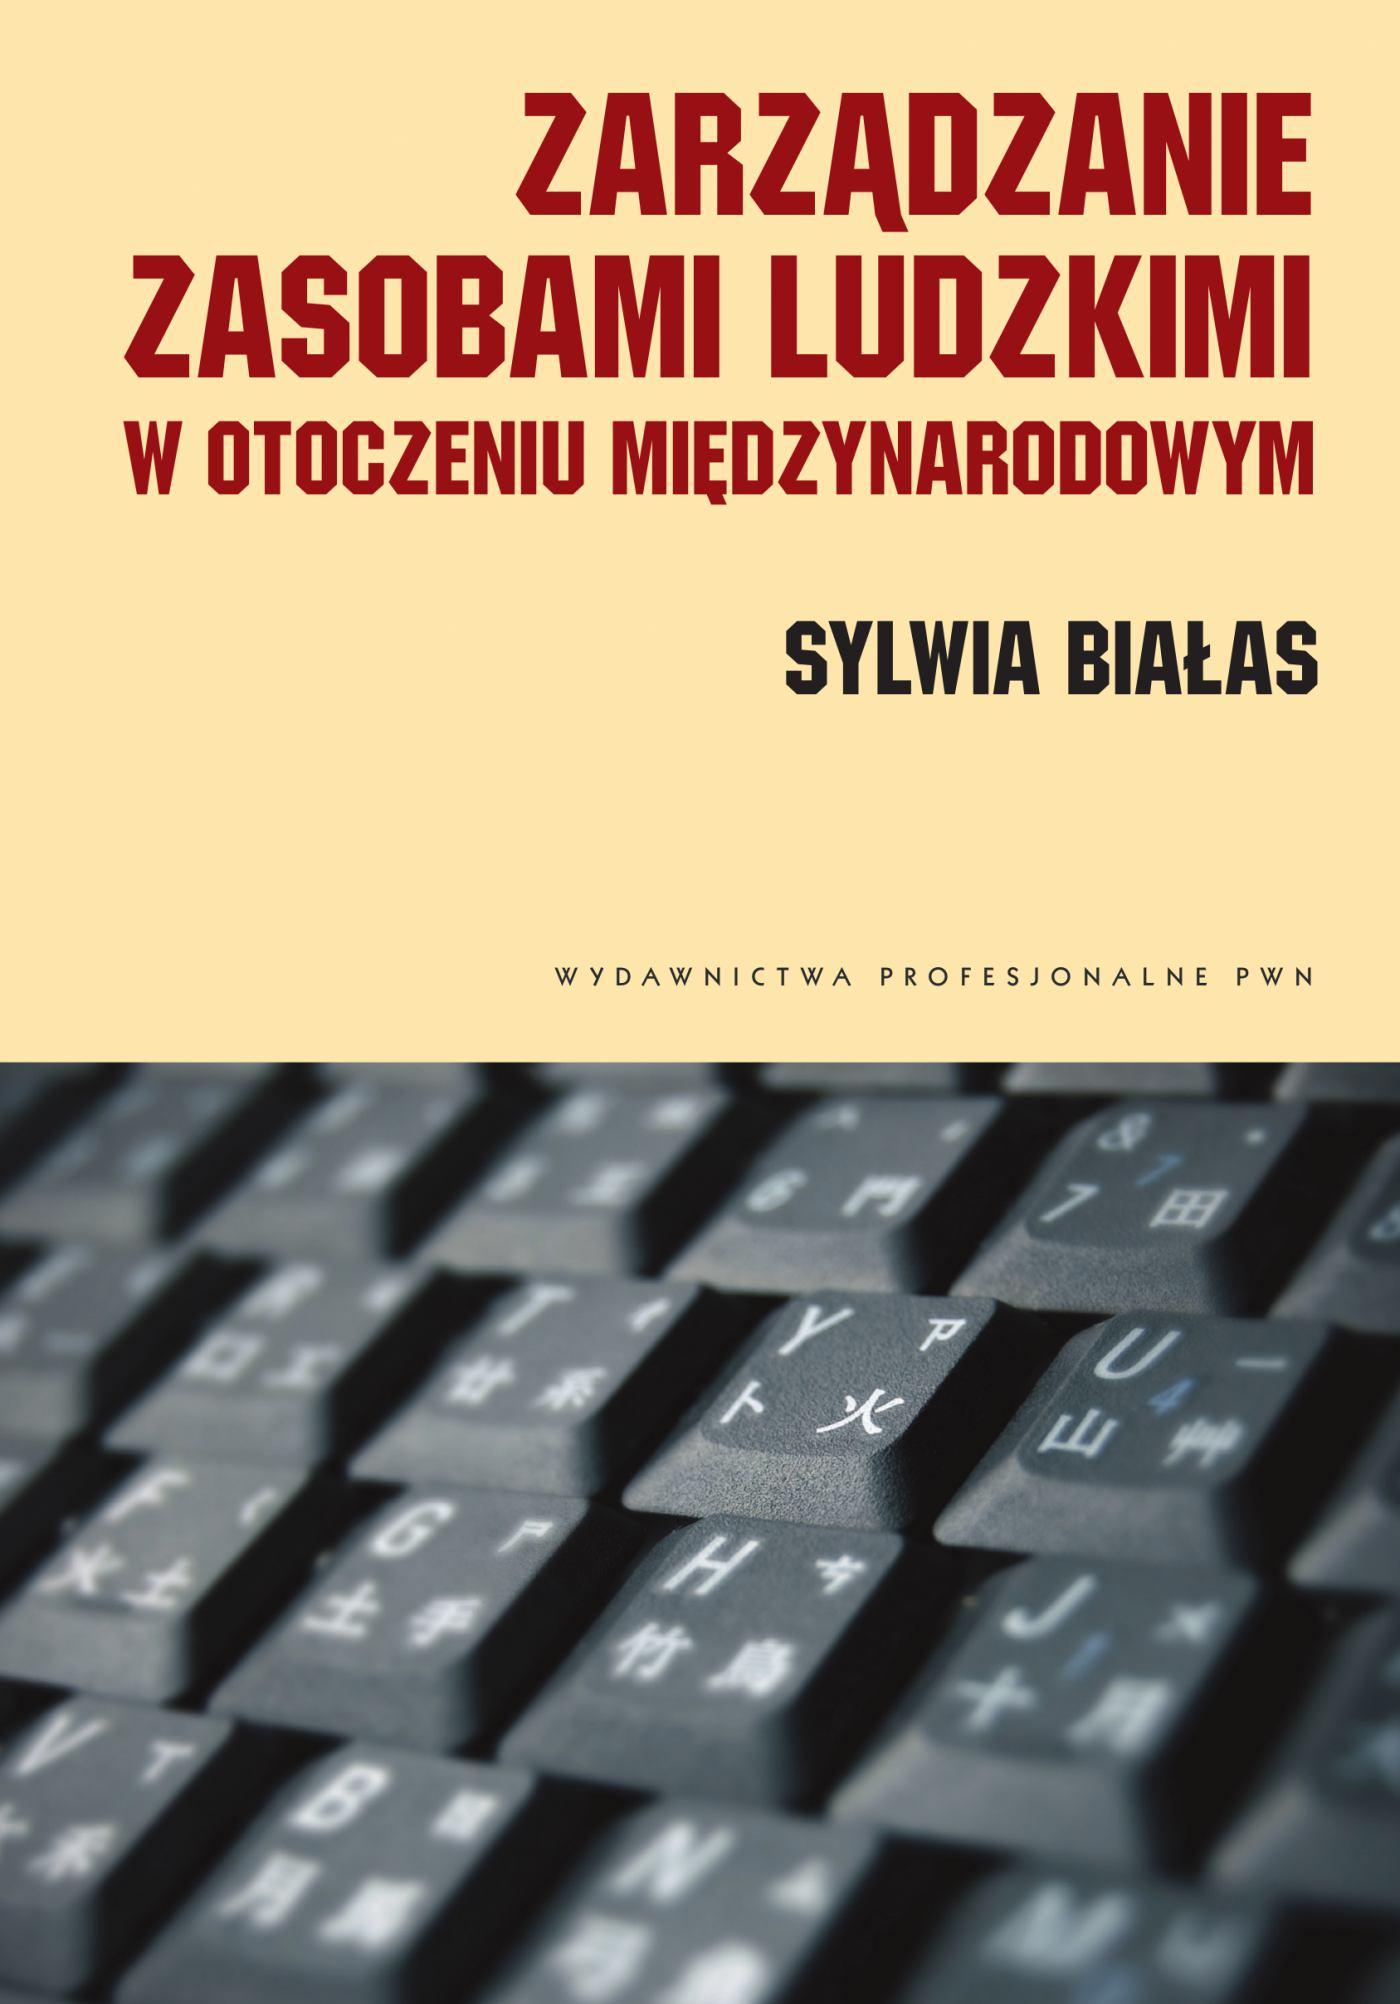 Zarządzanie zasobami ludzkimi w otoczeniu międzynarodowym. Kulturowe uwarunkowania - Ebook (Książka na Kindle) do pobrania w formacie MOBI